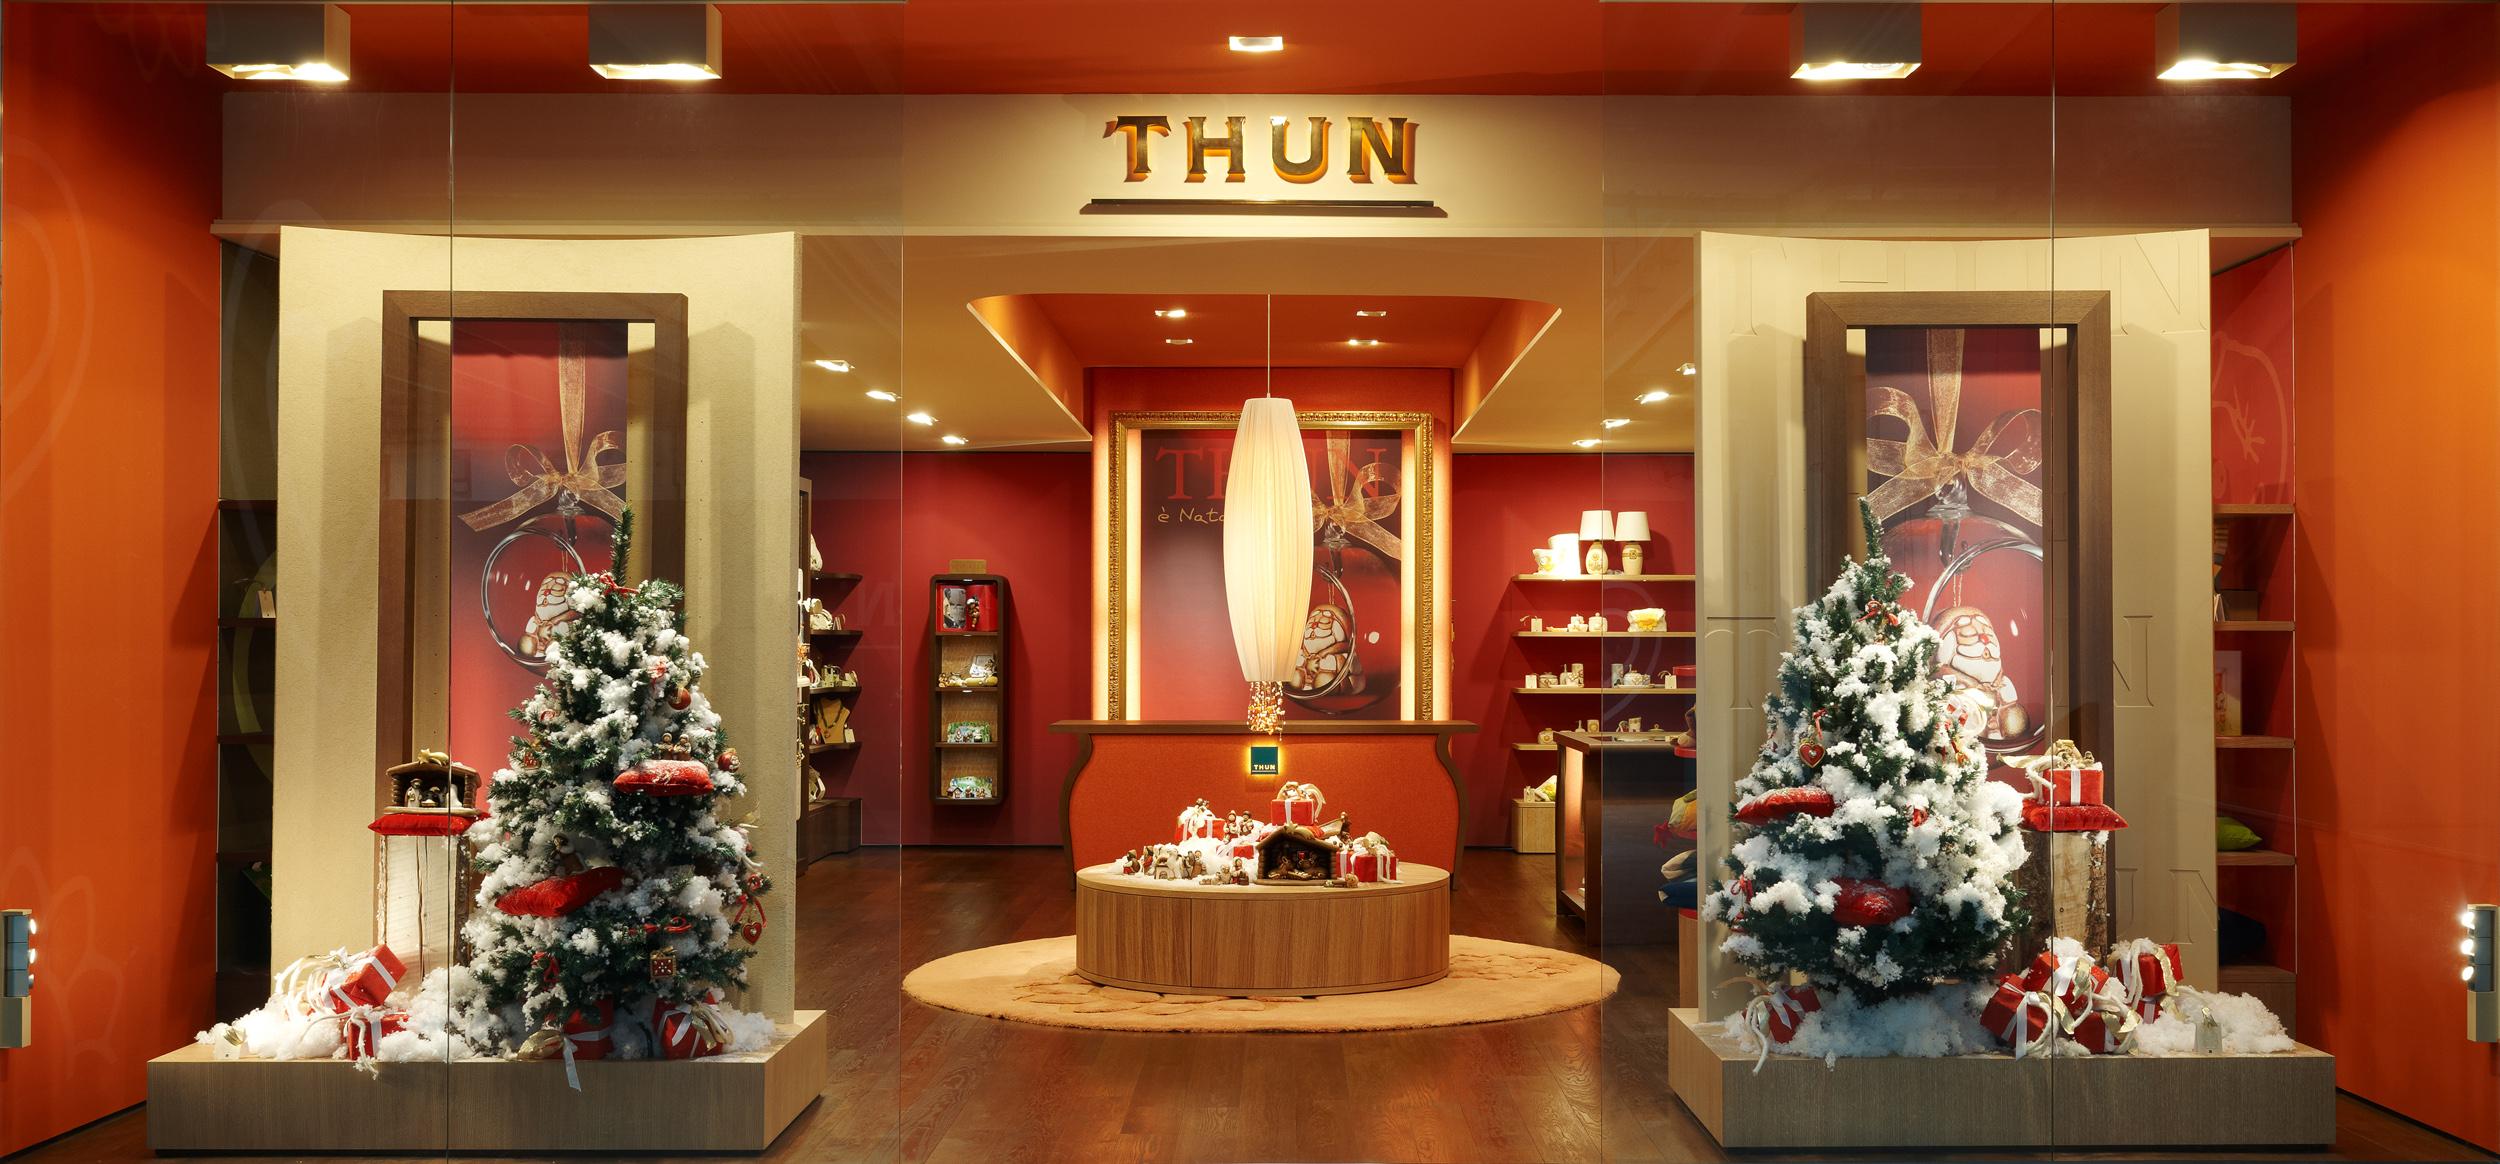 Thun assume numerose le figure ricercate in tutta italia for Offerte thun 2016